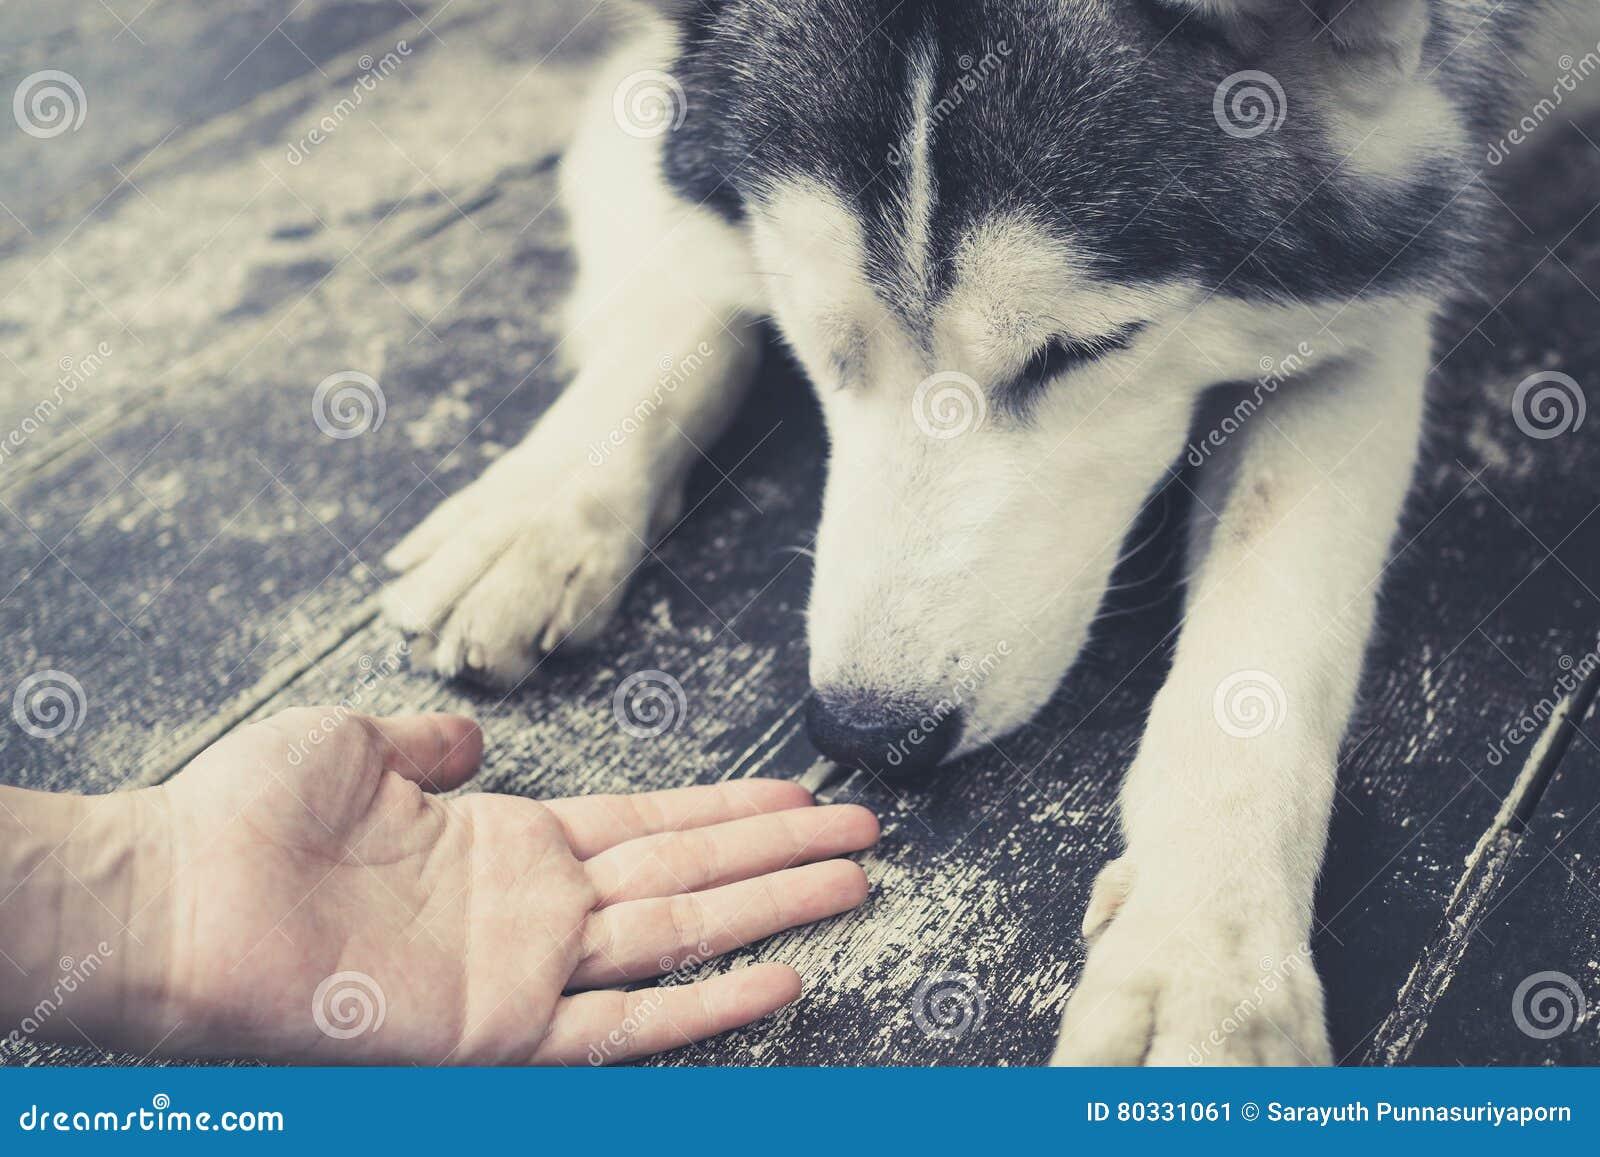 Jeune chien de Husky Siberian reniflant aux mains humaines